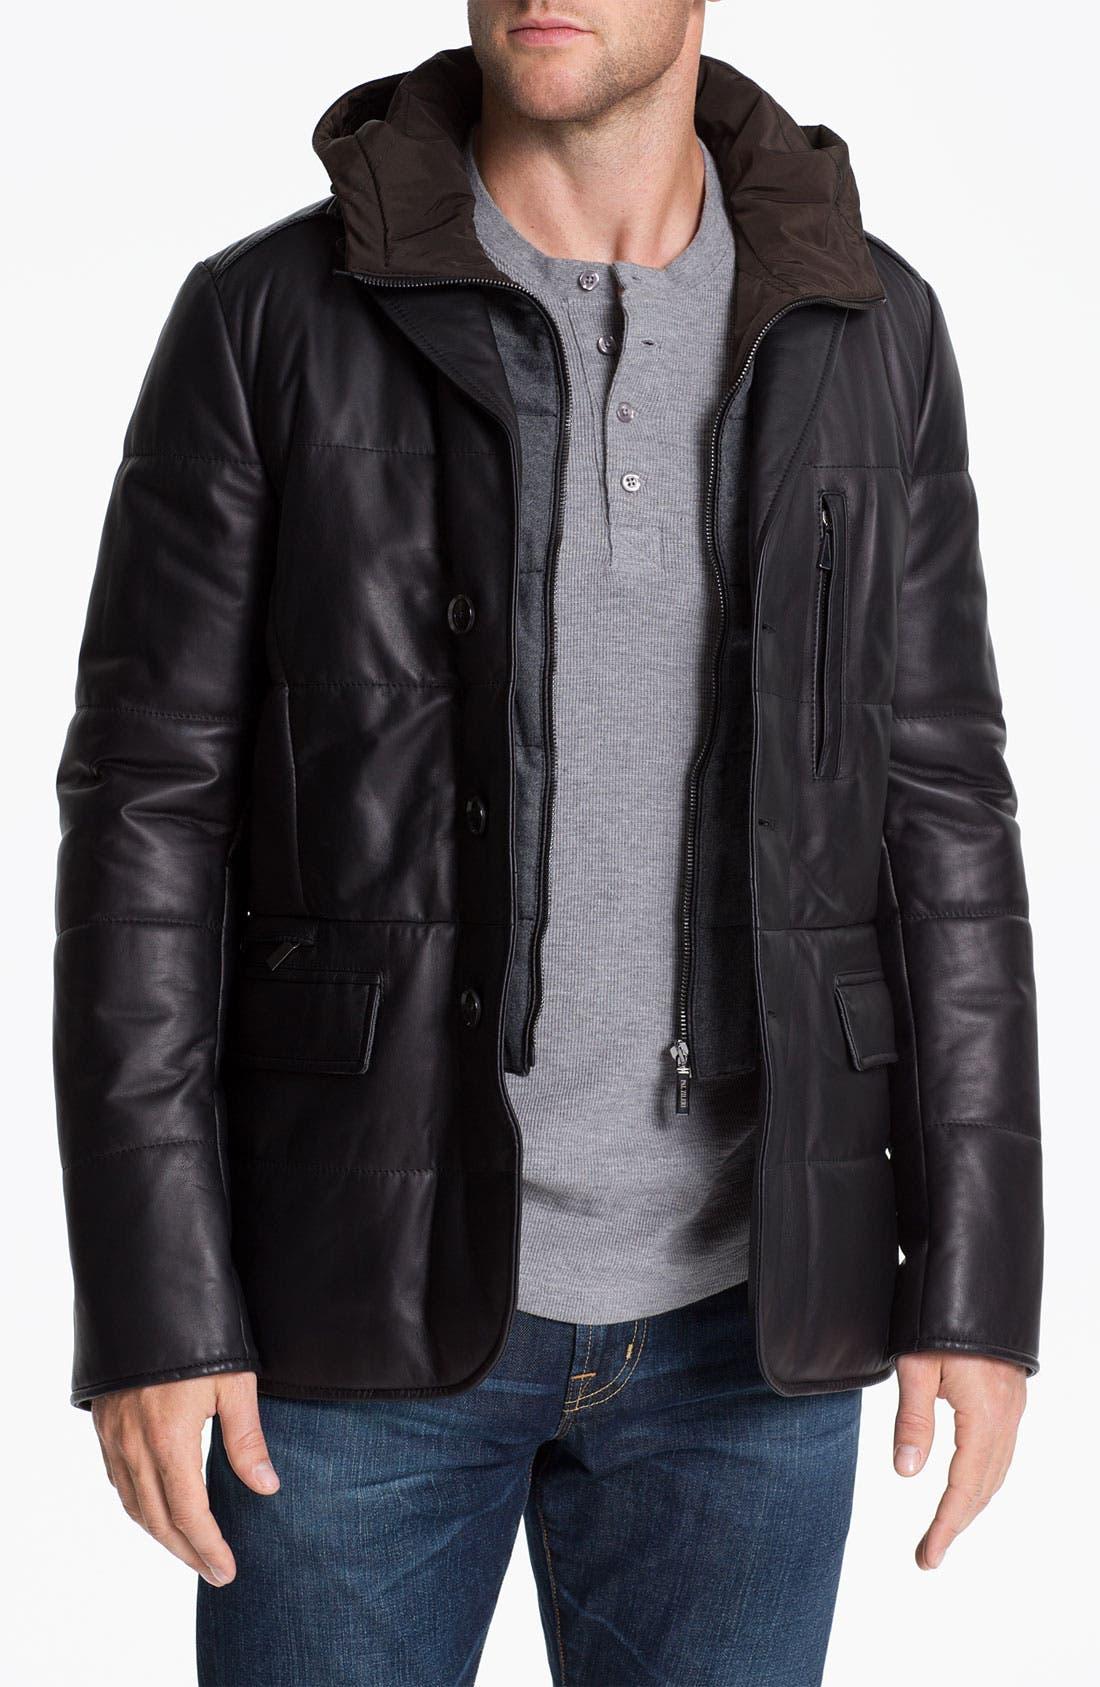 Main Image - Pal Zileri 'Napa' Hooded Leather Jacket